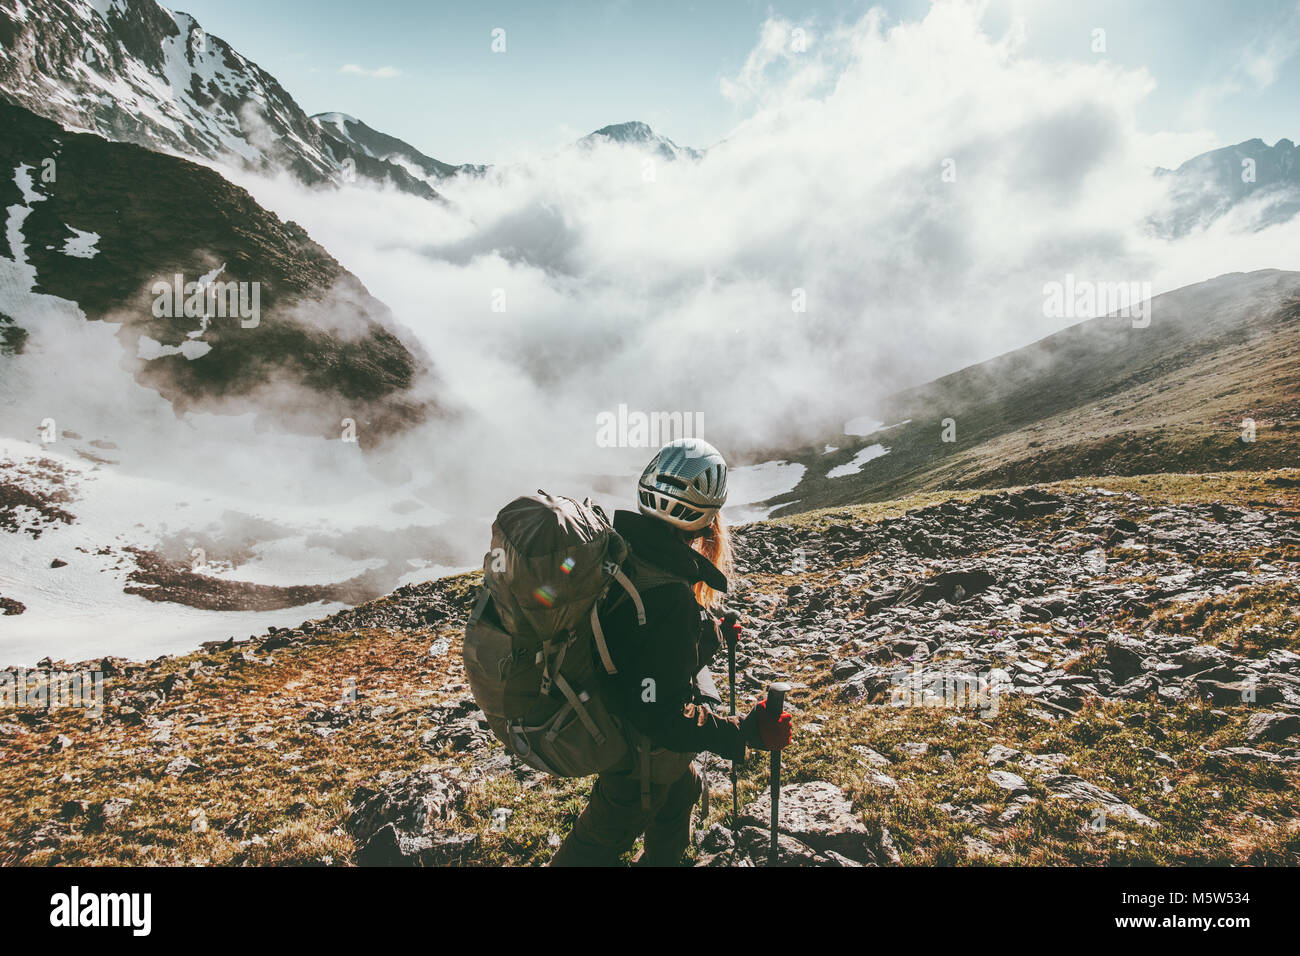 Donna escursioni nelle montagne di nebbia Travel uno stile di vita sano adventure concept active estate vacanze Immagini Stock